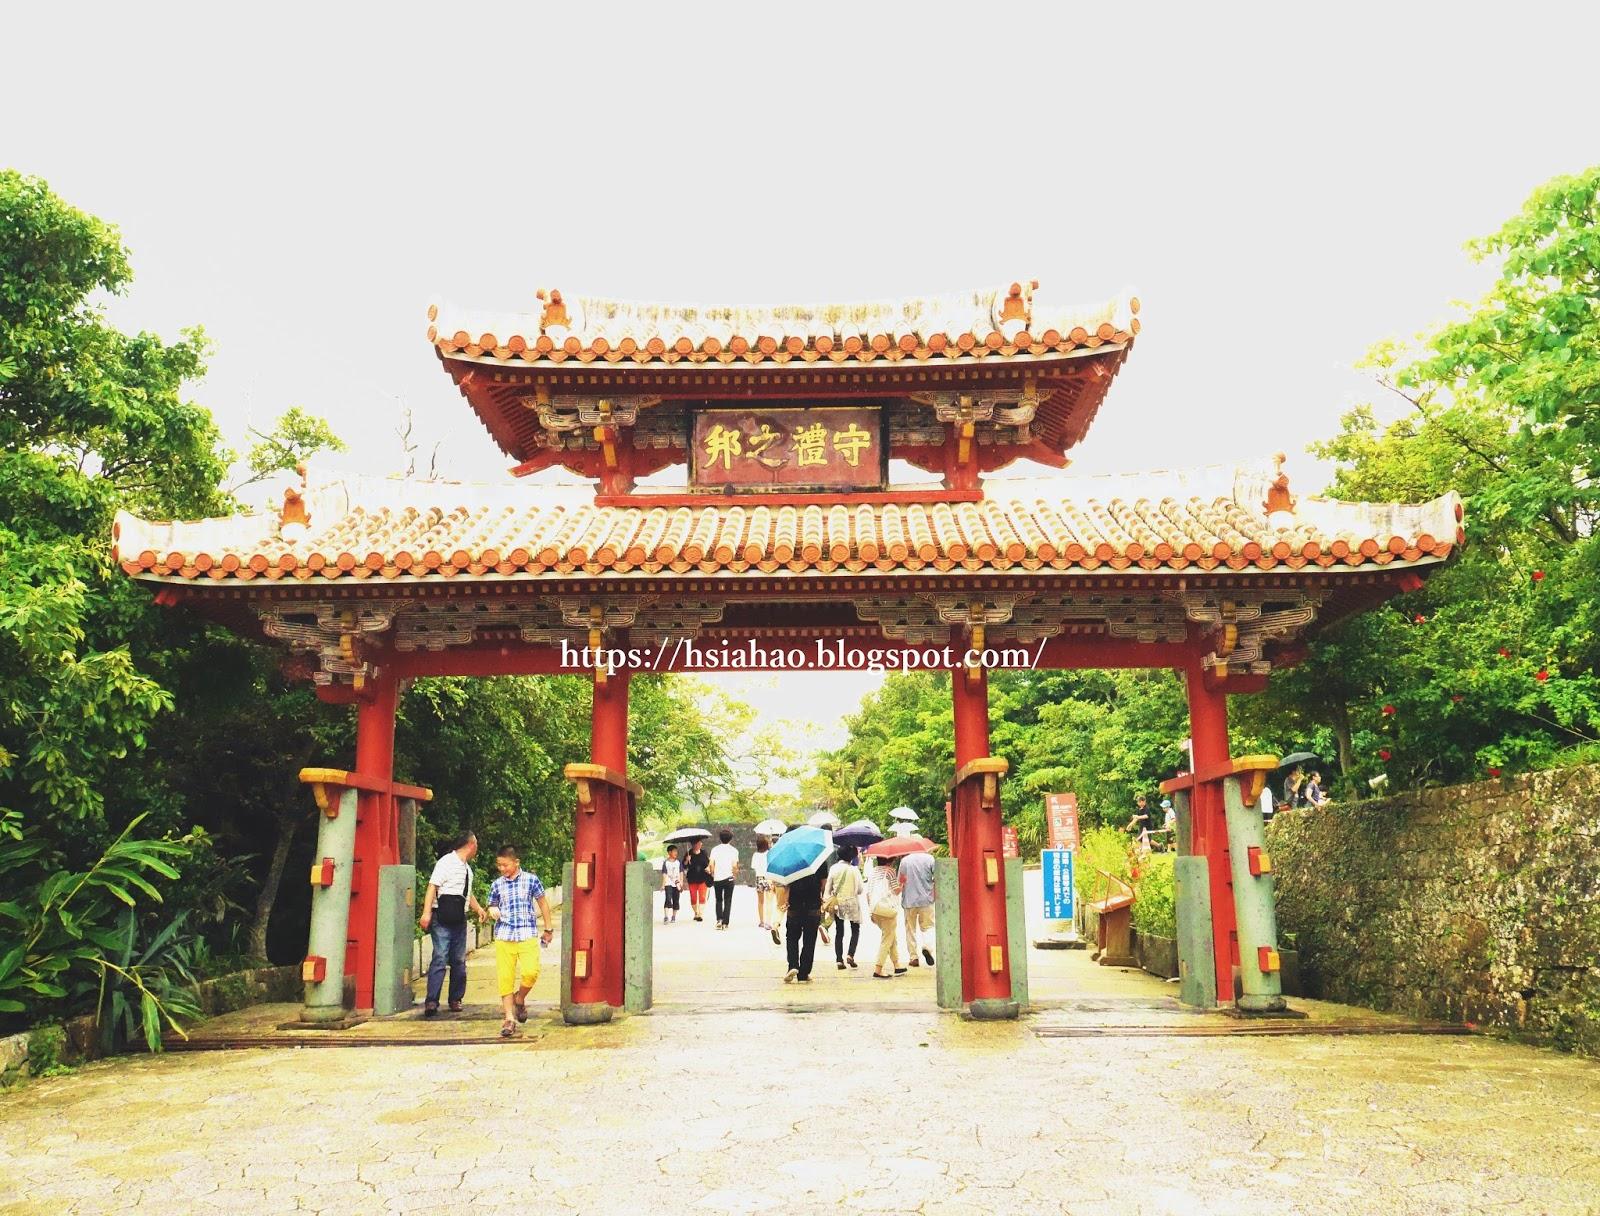 沖繩-守禮之邦-景點-世界遺產-首里城-自由行-旅遊-旅行-Okinawa-Naha-Shuri-Castle